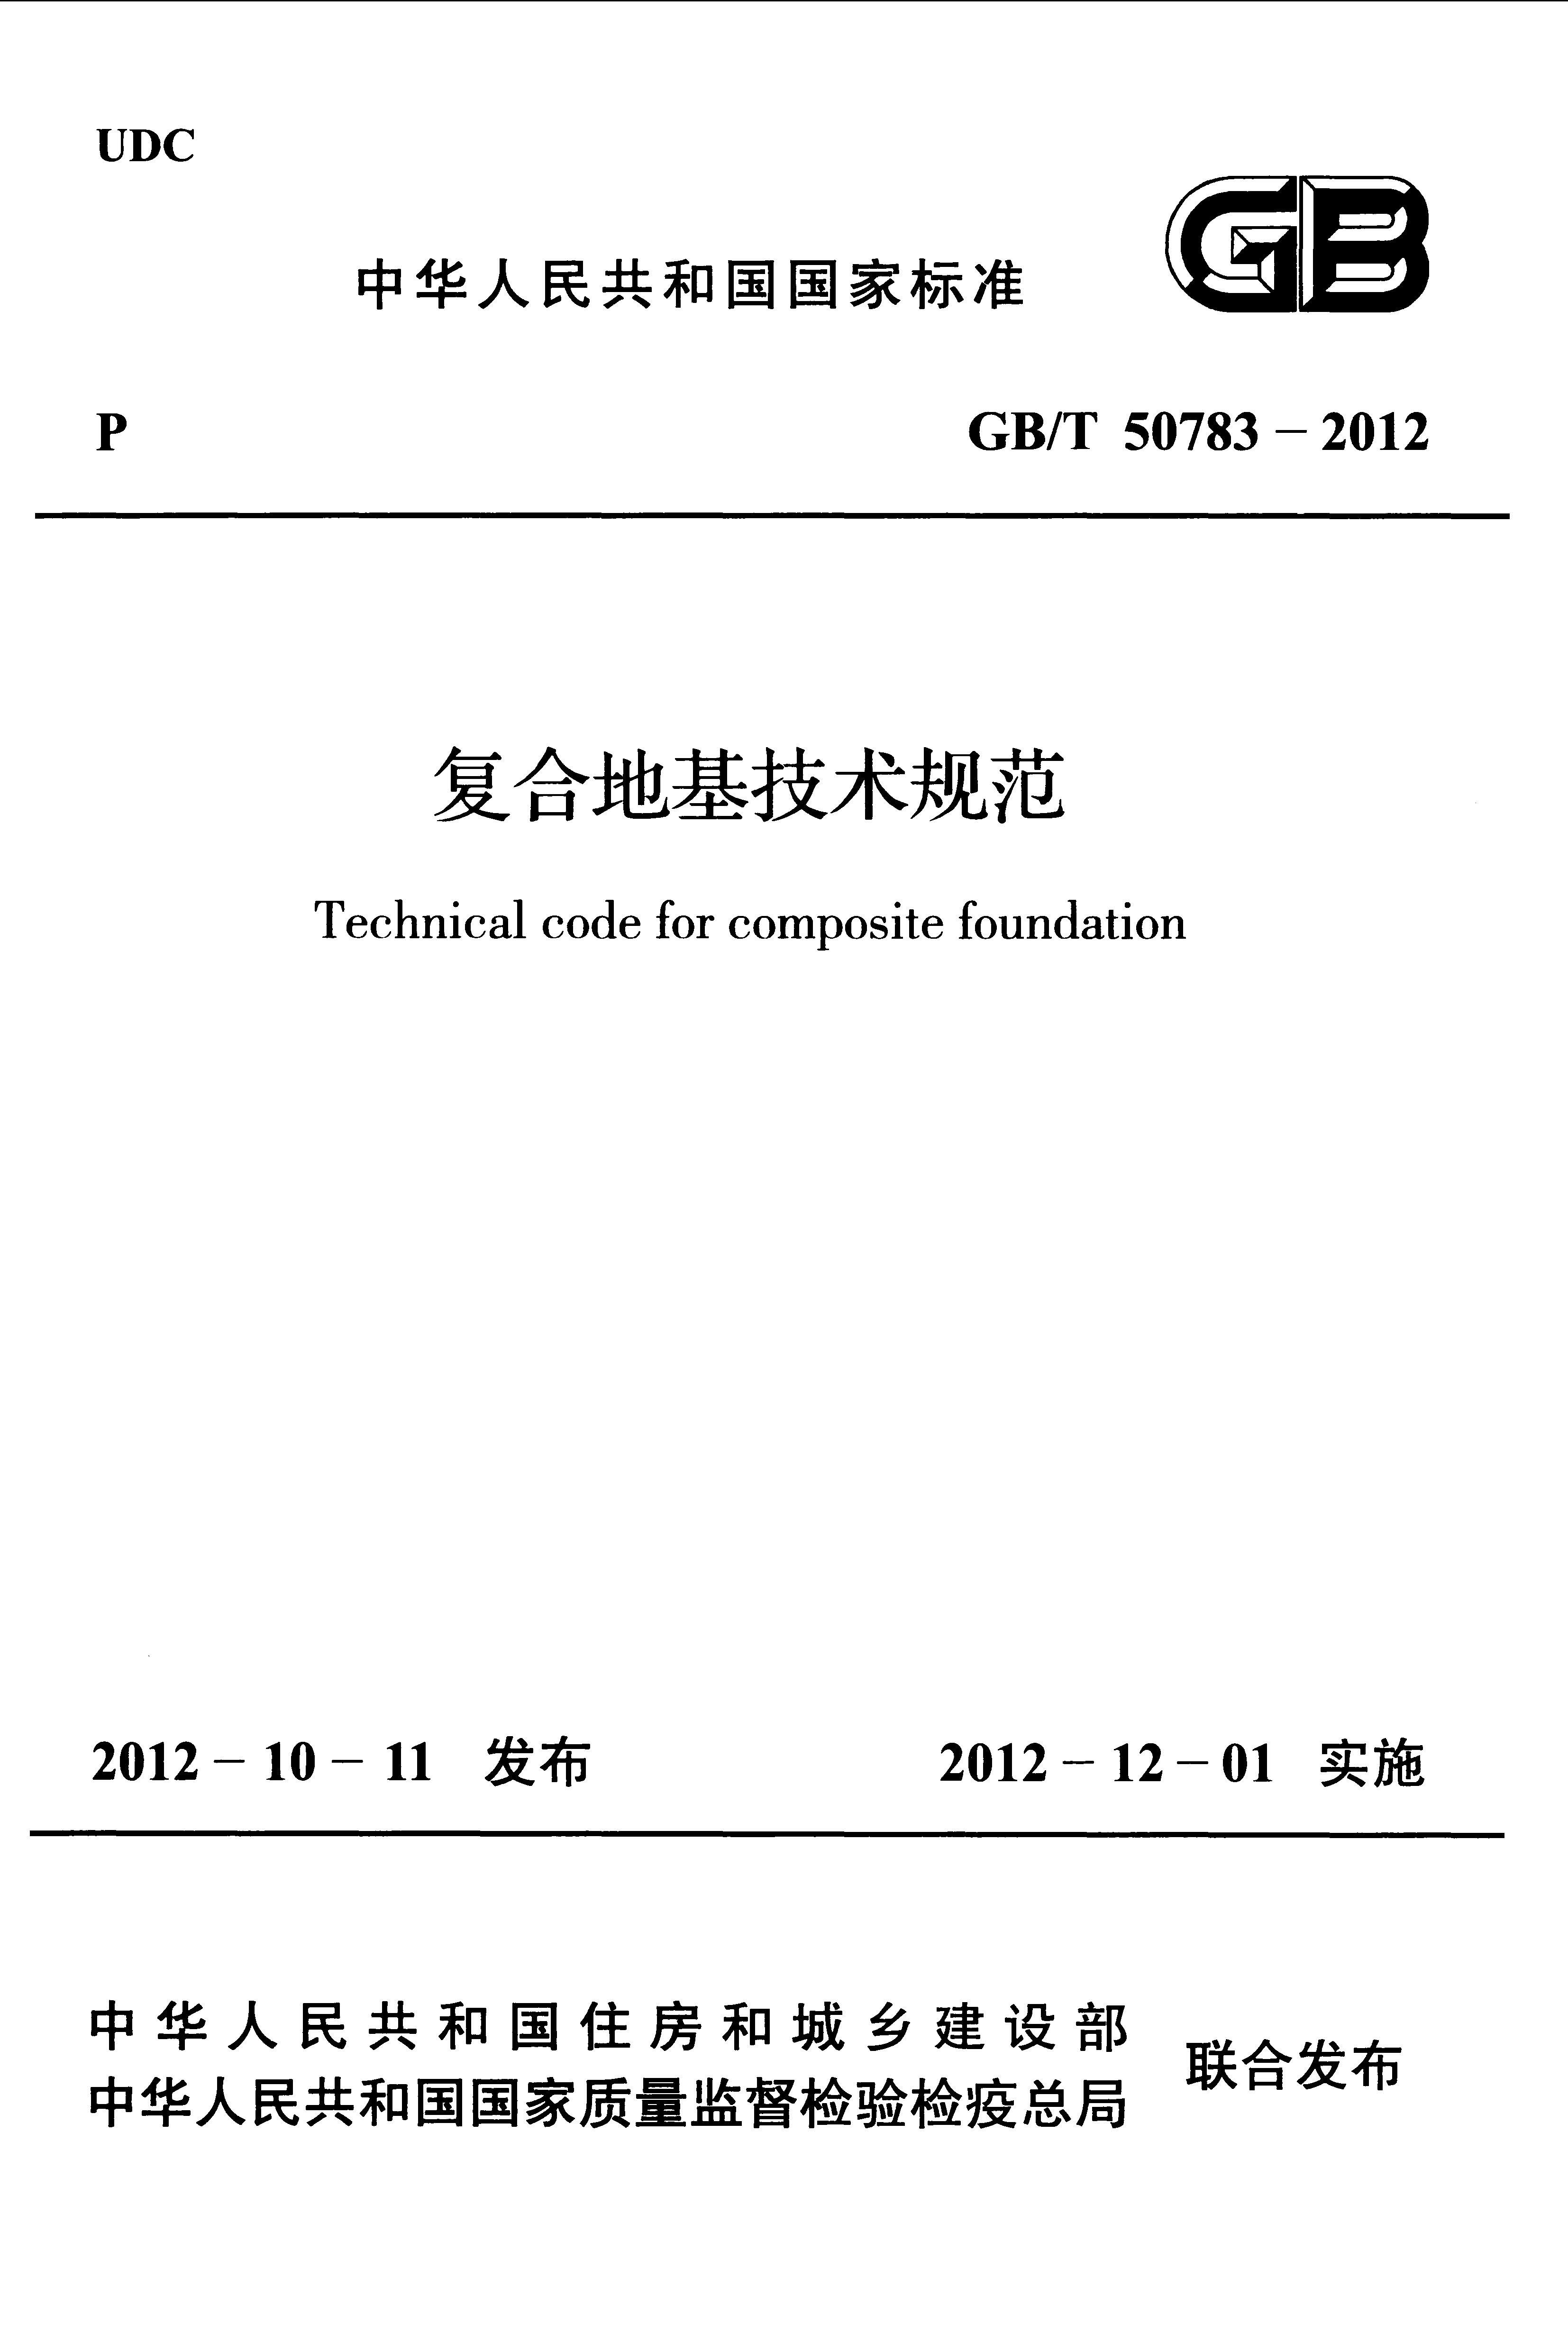 復合地基技術規范.png